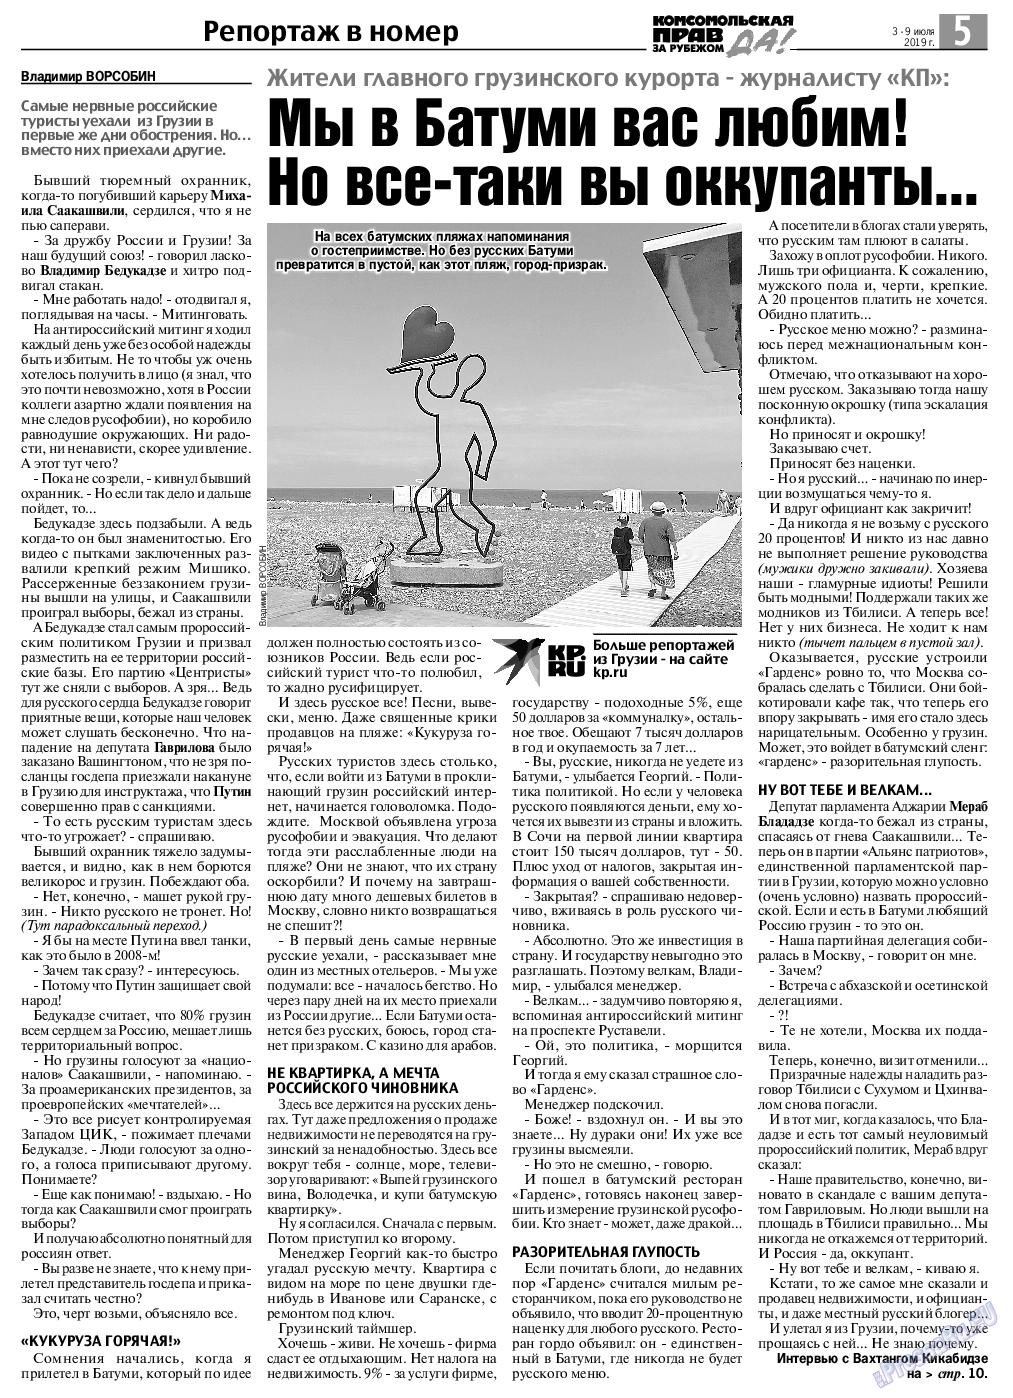 КП в Европе (газета). 2019 год, номер 27, стр. 5